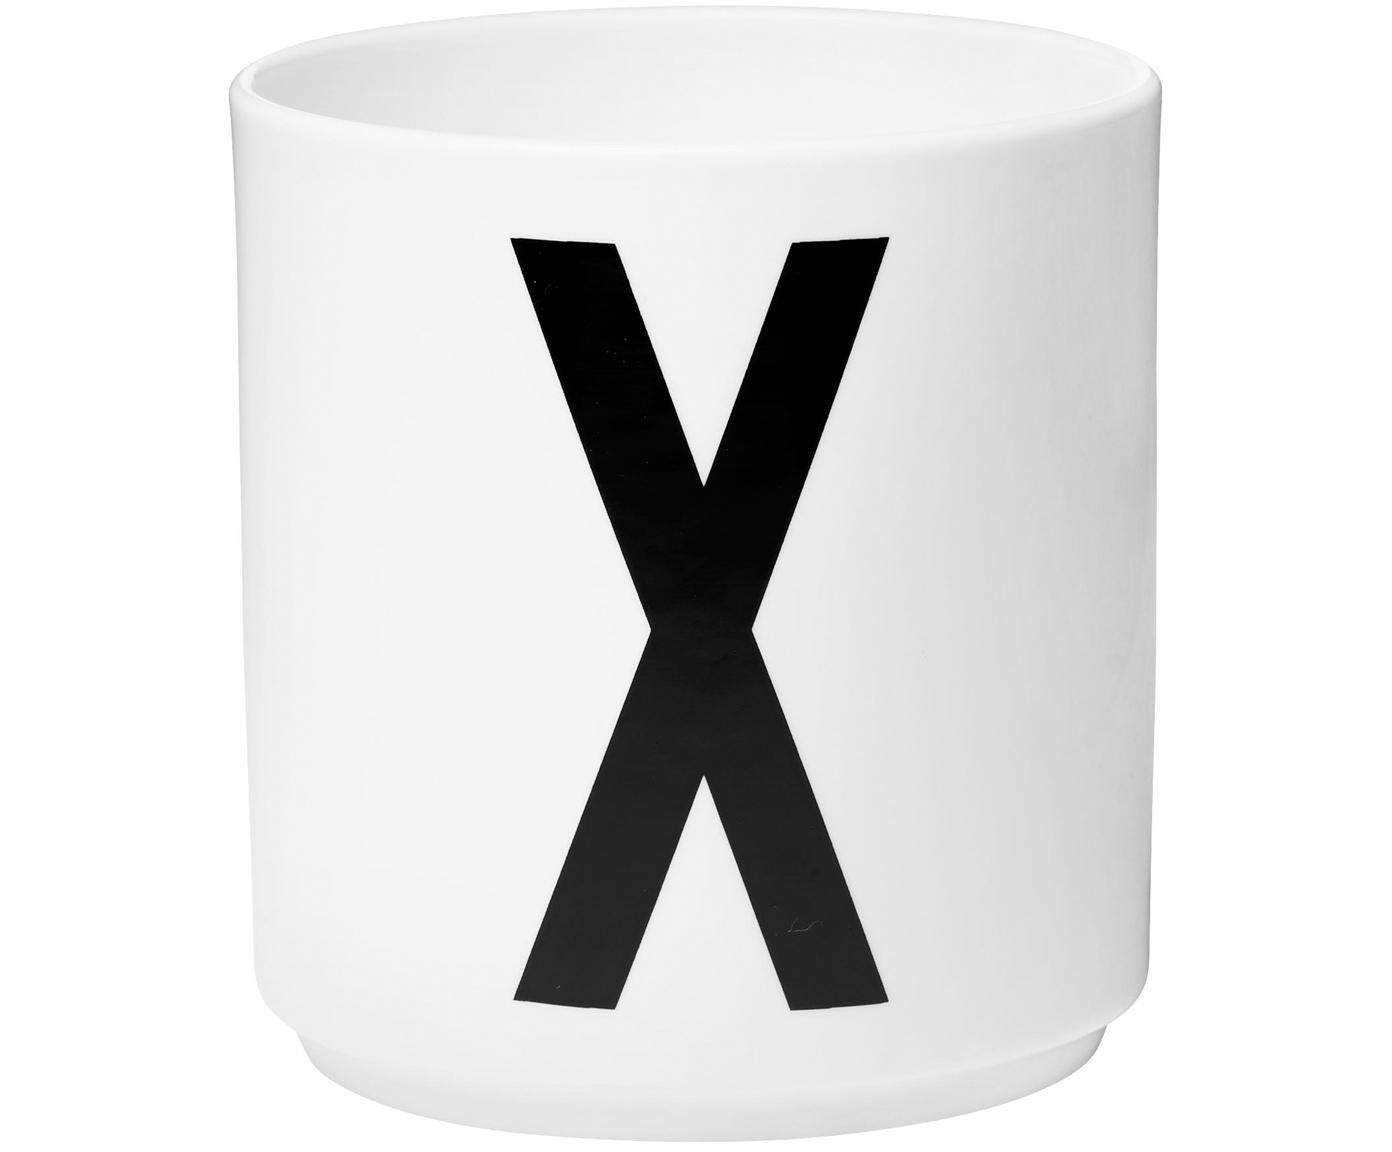 Design Becher Personal mit Buchstaben (Varianten von A bis Z), Fine Bone China (Porzellan), Weiß, Schwarz, Becher X